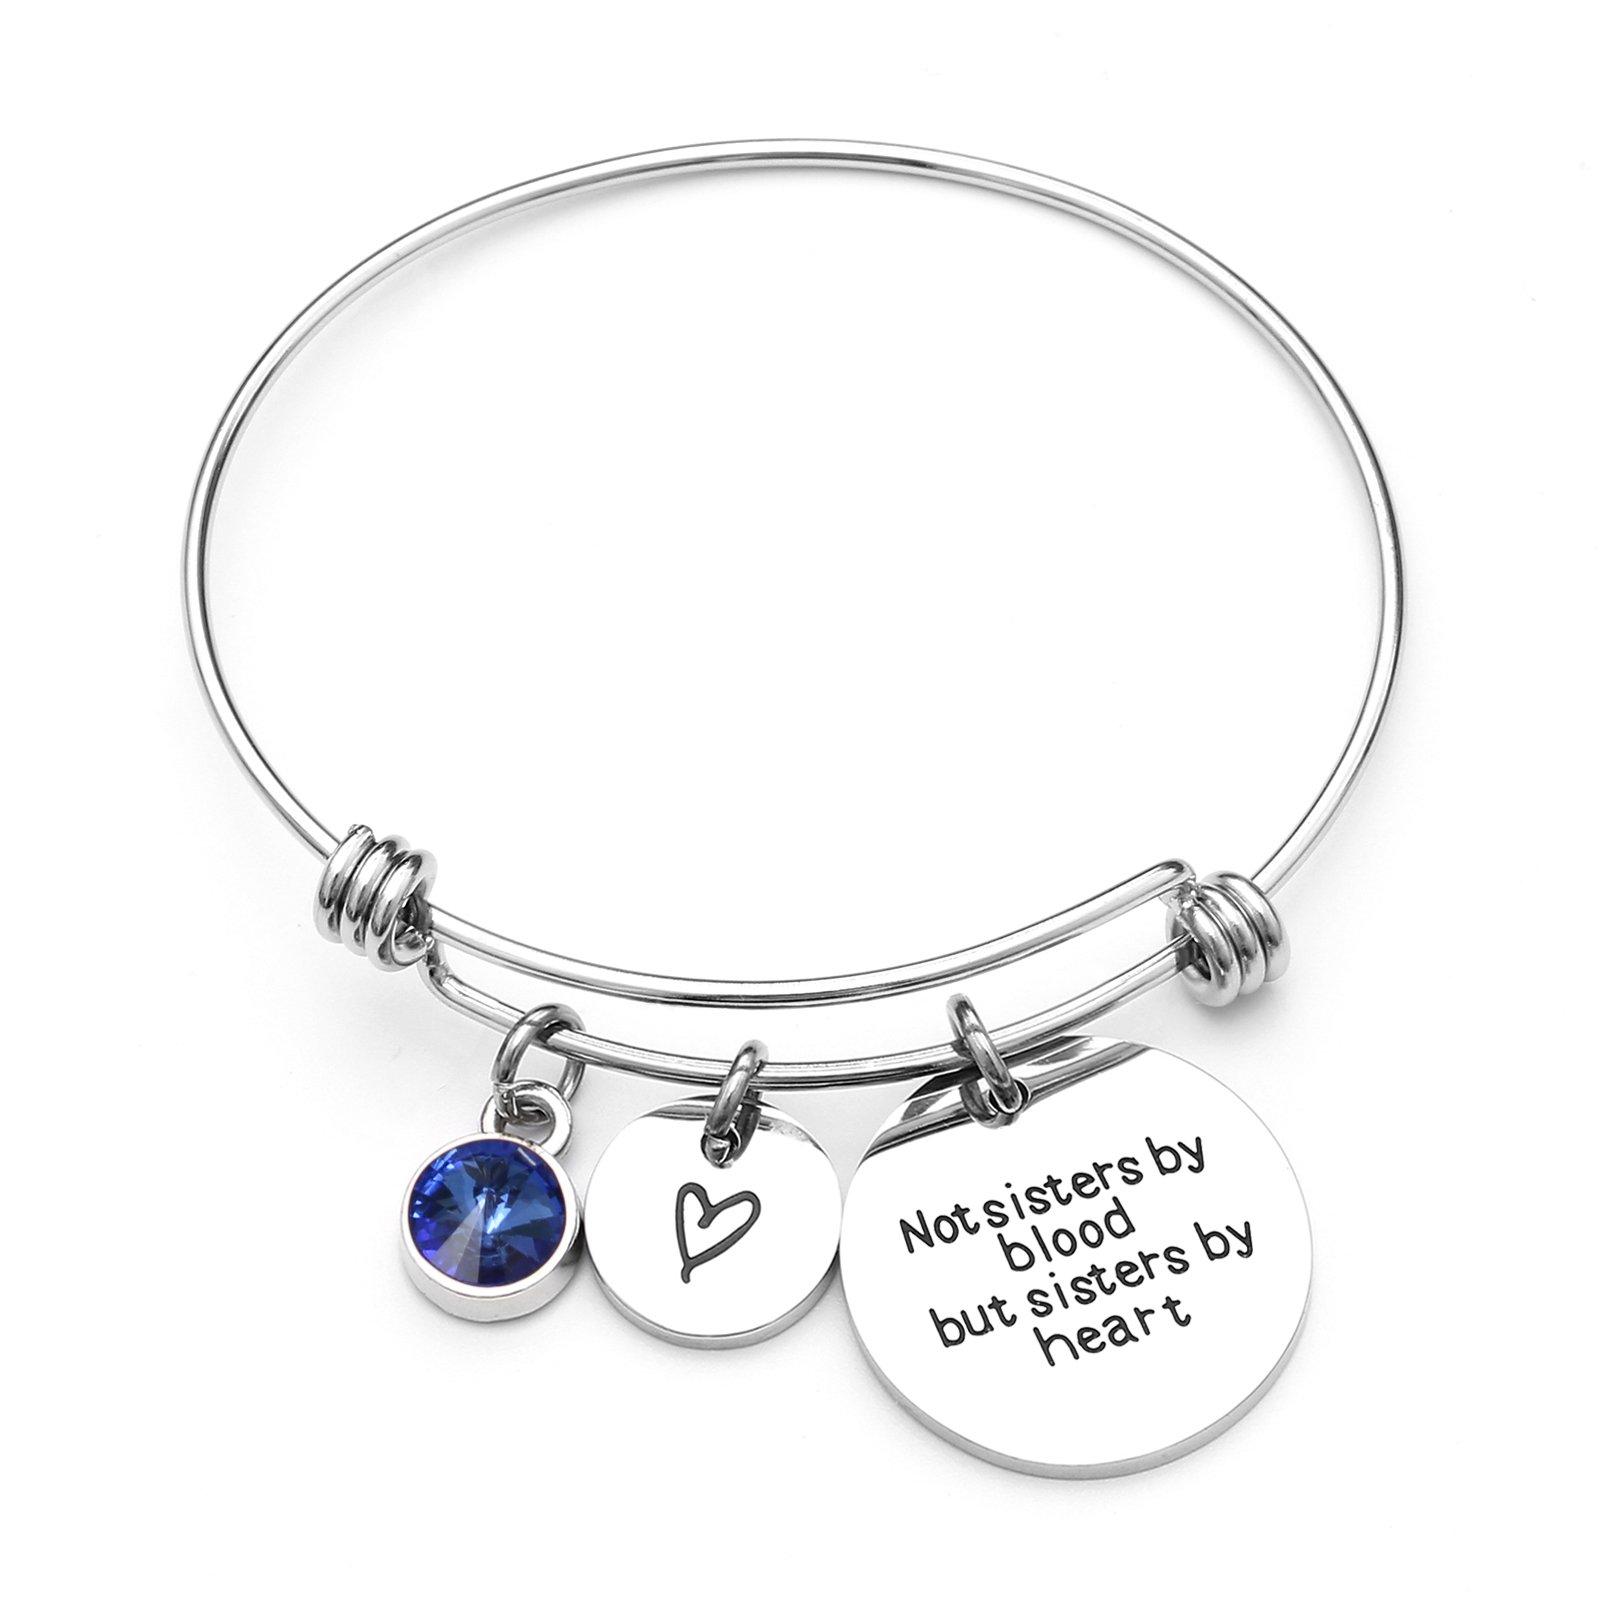 Best Friends Bracelets- Not Sisters by Blood But Sisters by Heart Bracelet- Sister Jewelry (September)